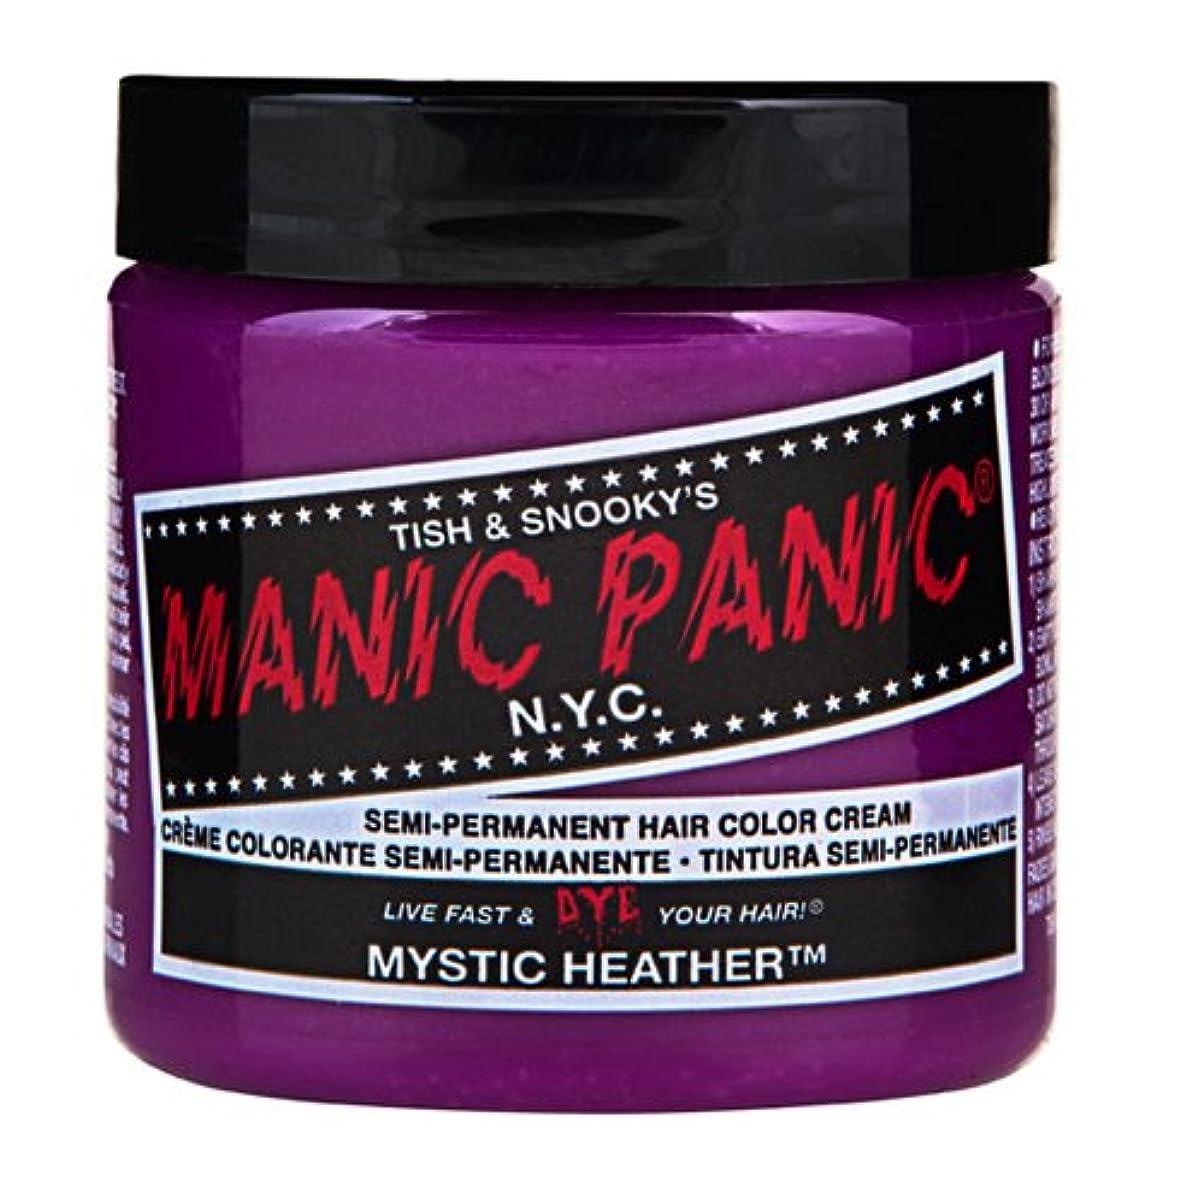 反逆者感嘆符偶然スペシャルセットMANIC PANICマニックパニック:Mystic Heather (ミスティック ヘザー)+ヘアカラーケア4点セット